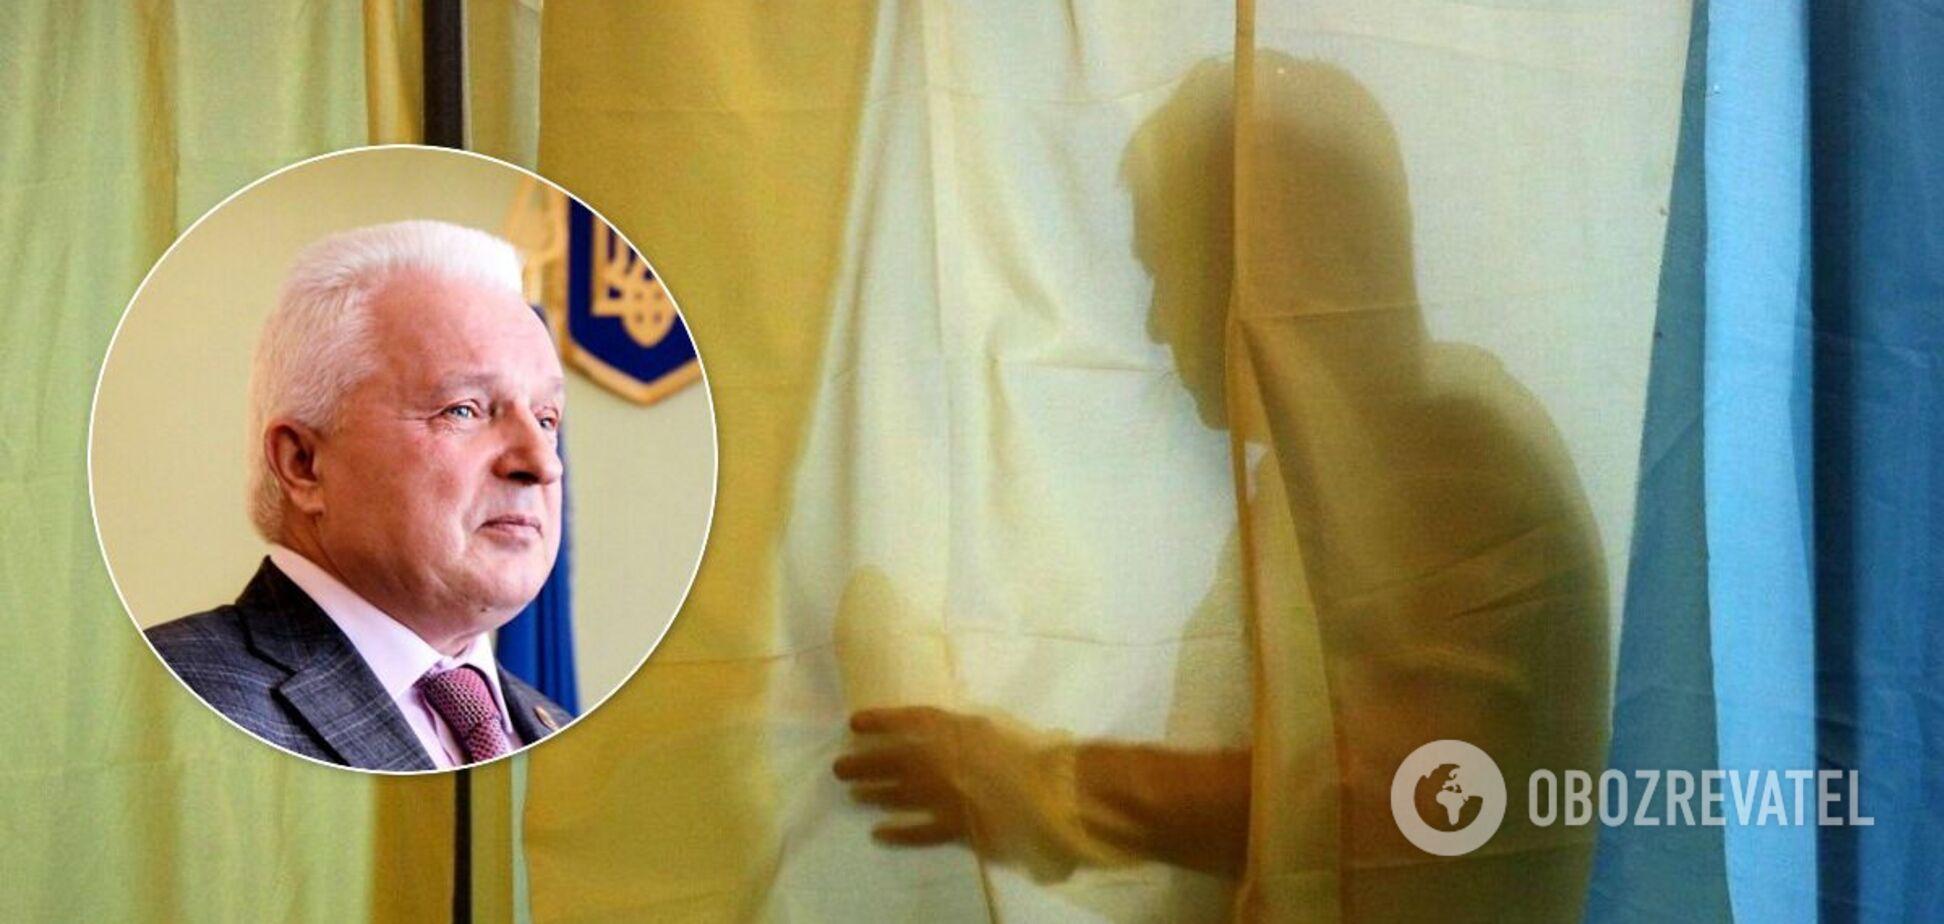 Після смерті мера в Борисполі проведуть повторні вибори